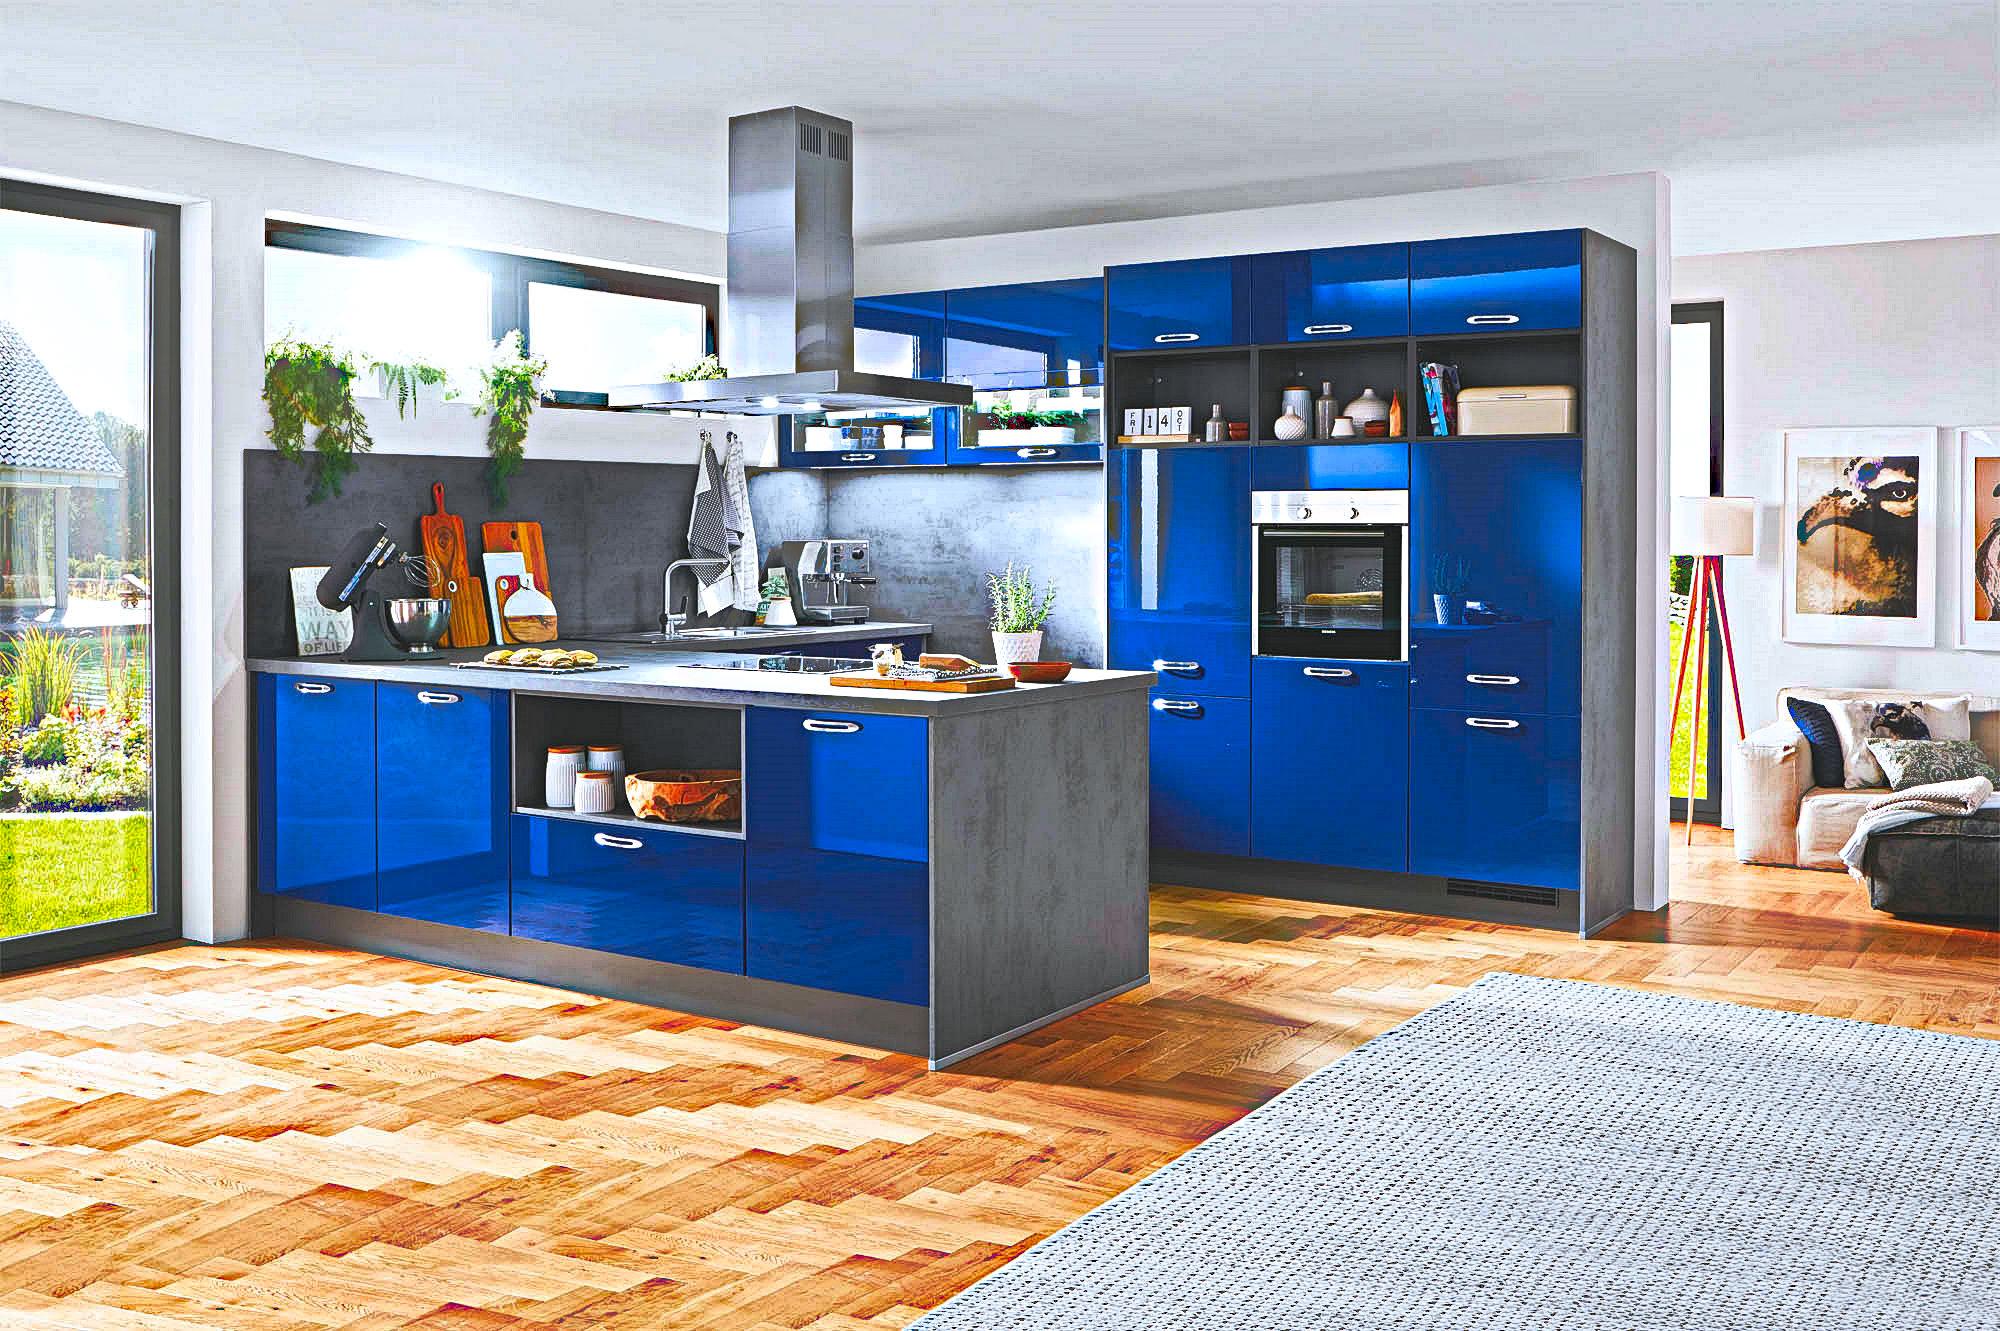 Full Size of Küche Blau Grau Blaue Kche Gnstig Kaufen Kompetente Kchenplanung Kchenbrse Theke Holz Modern Gardinen Für Die Pendelleuchte Wandregal Landhaus Wohnzimmer Küche Blau Grau